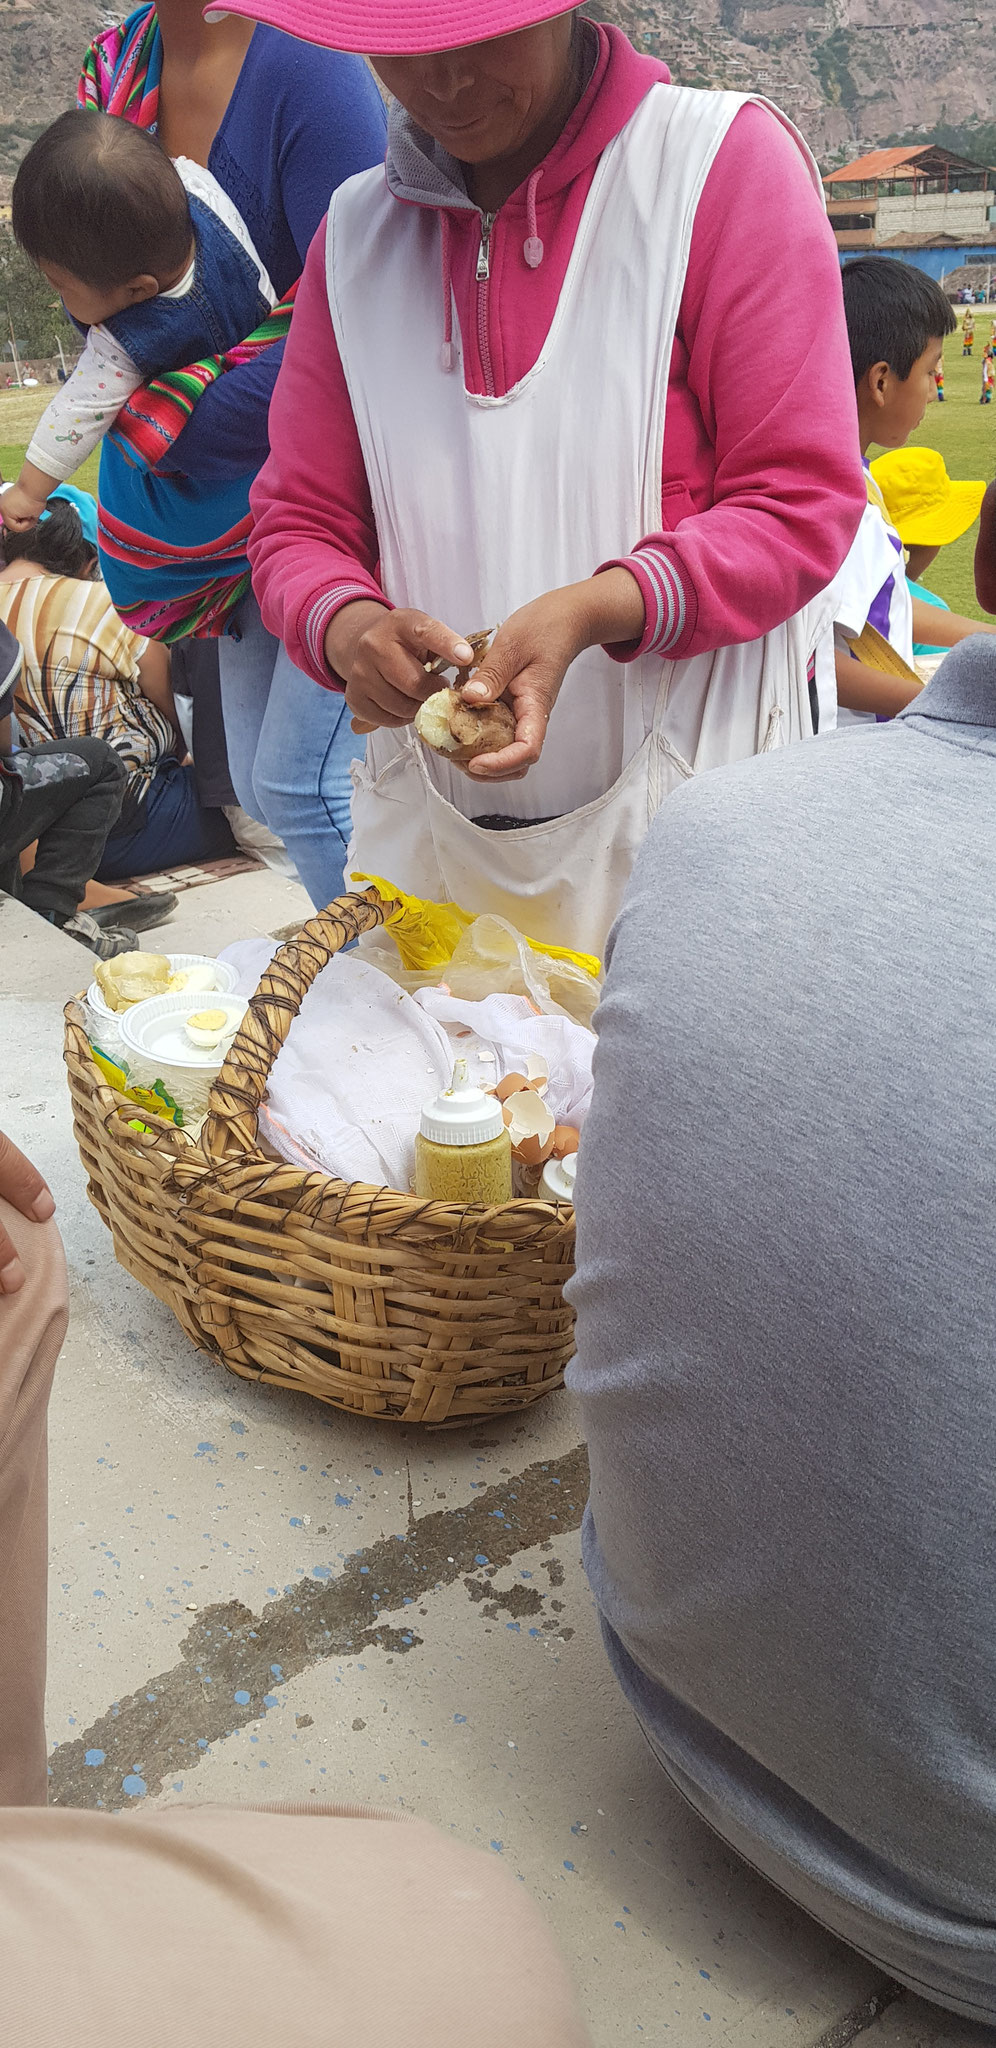 Typischer Snack für zwischendurch: Pellkartoffeln mit Ei und Soße.